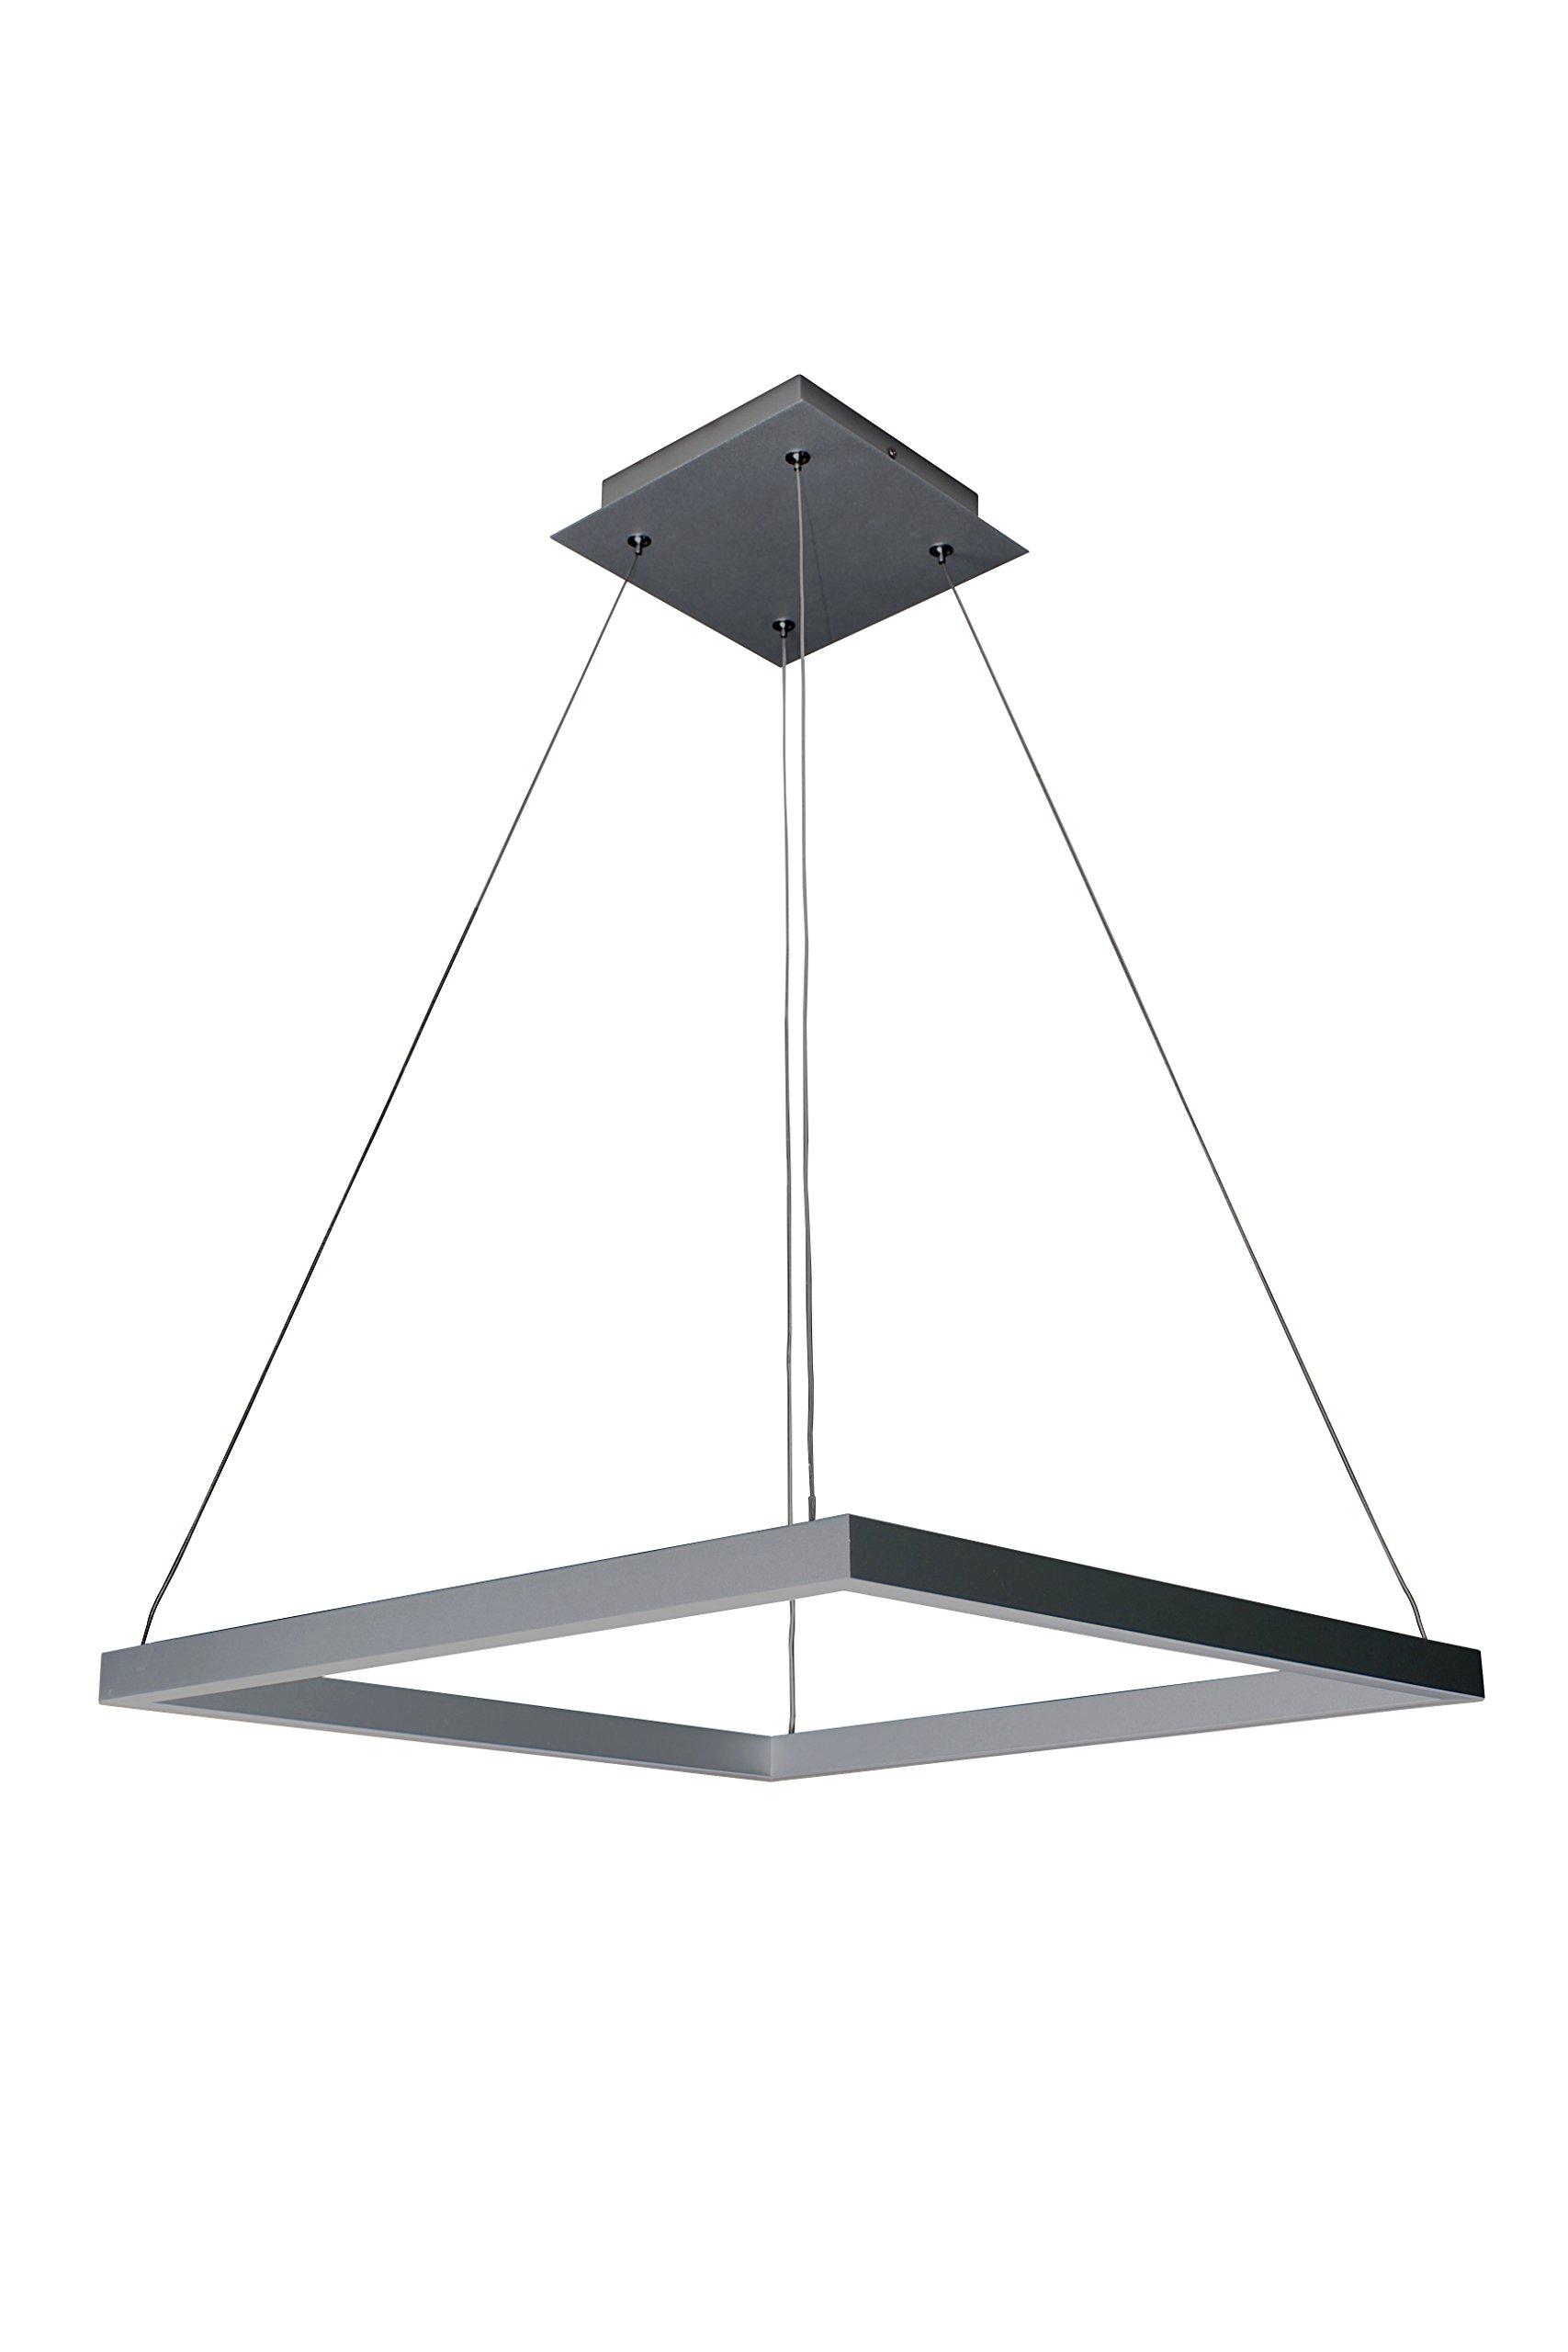 VONN VMC31620AL Modern Square LED Chandelier Lighting with Adjustable Hanging Light, Silver